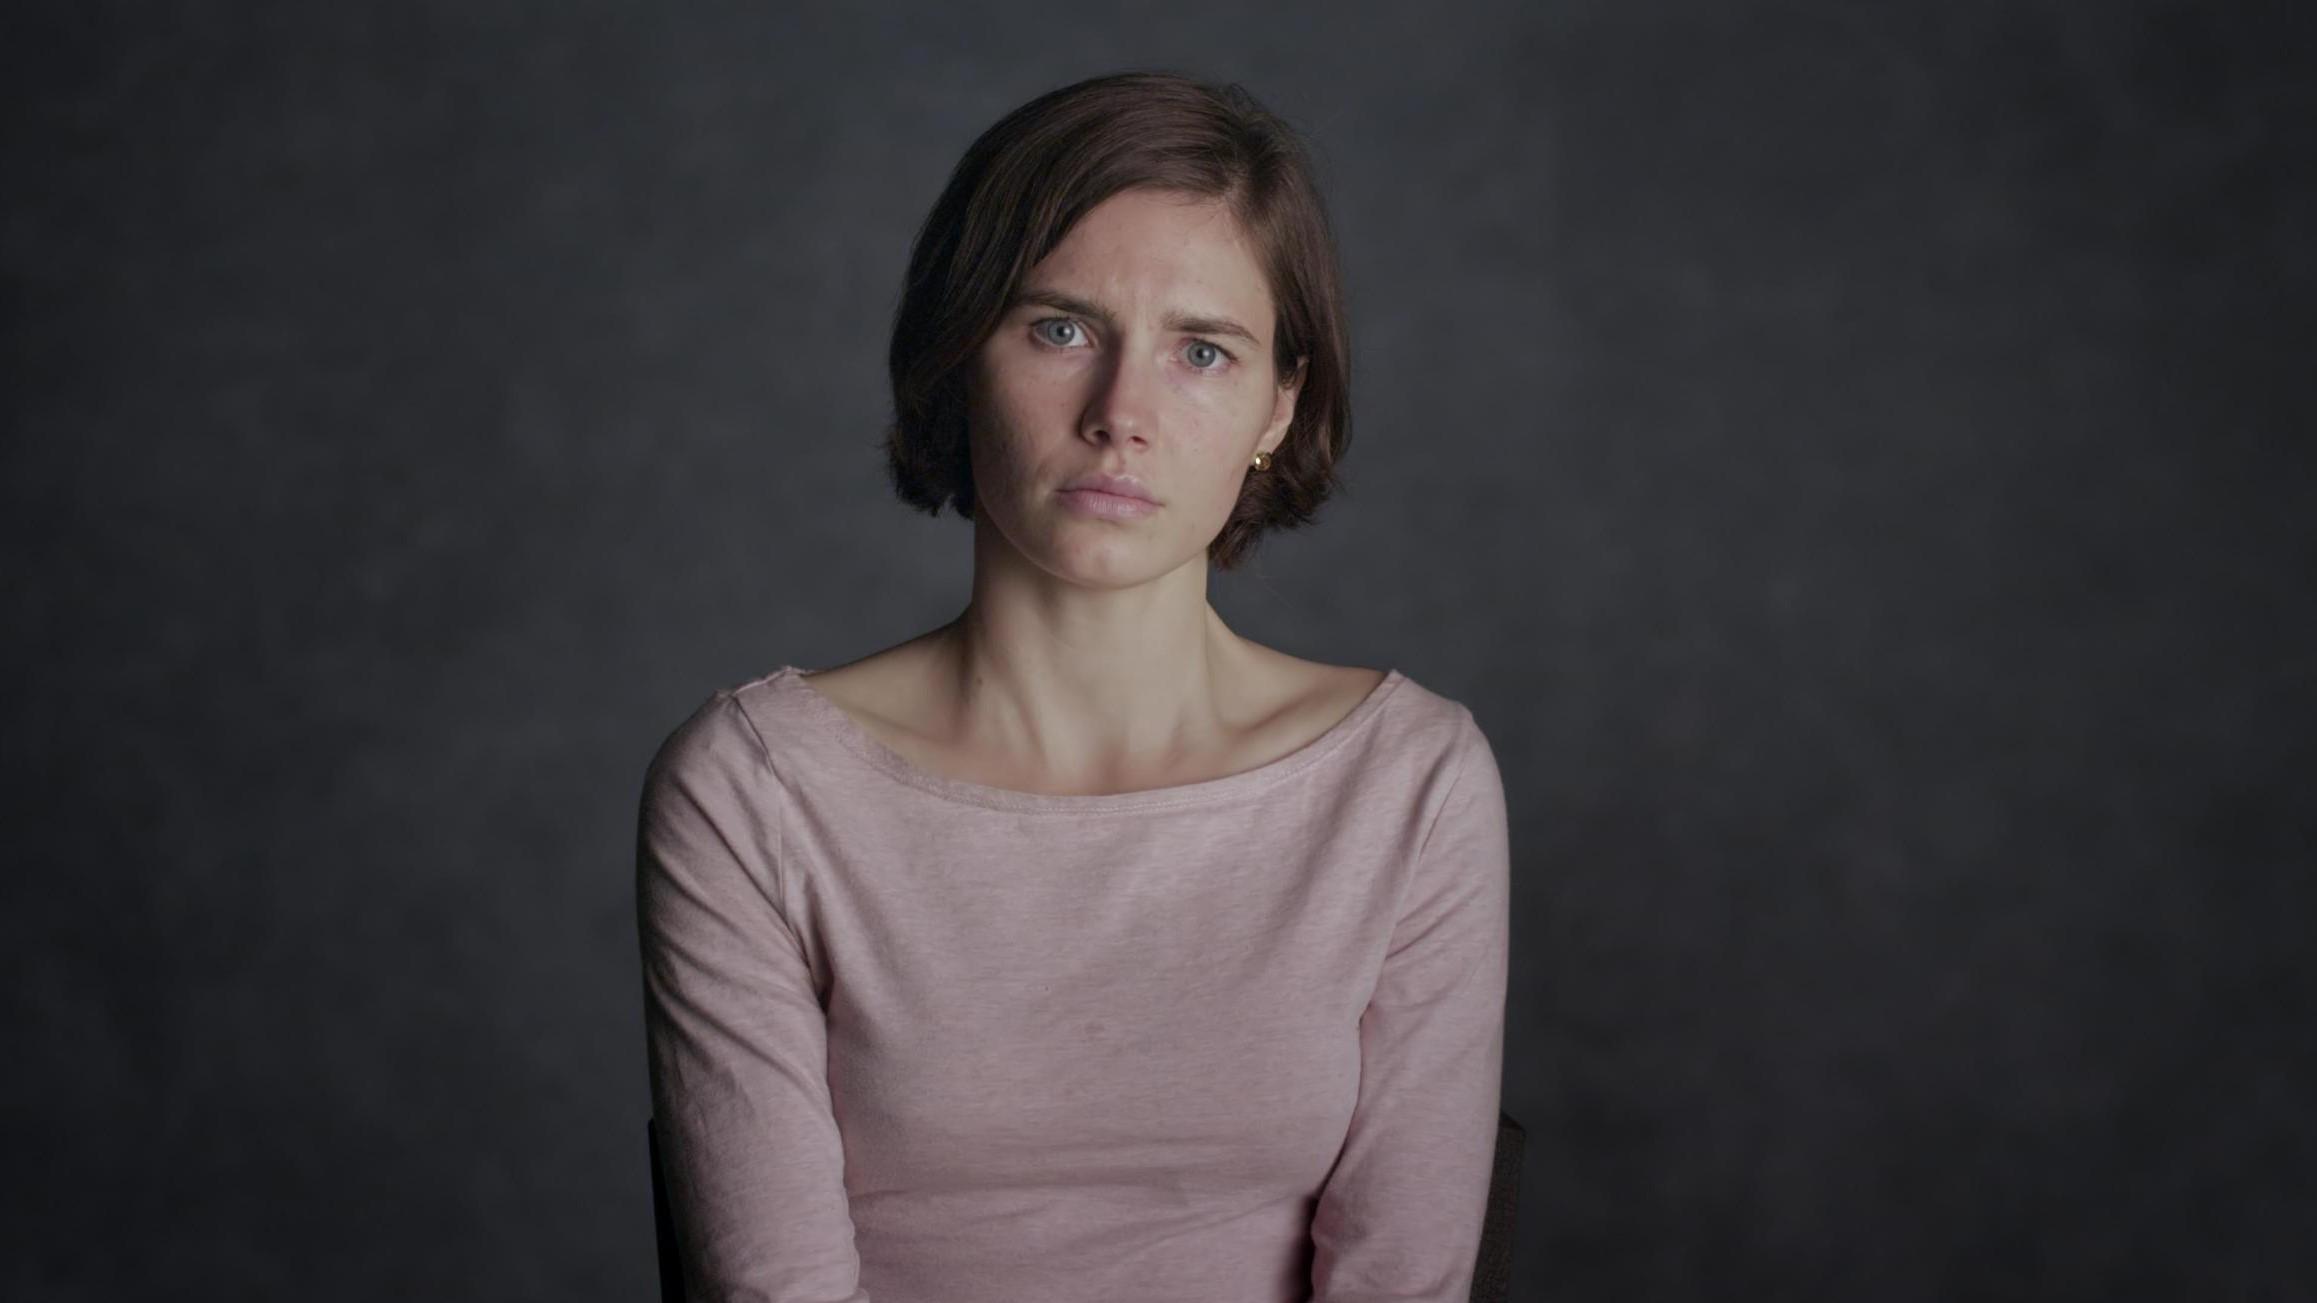 Amanda Knox condurrà un programma in difesa delle donne